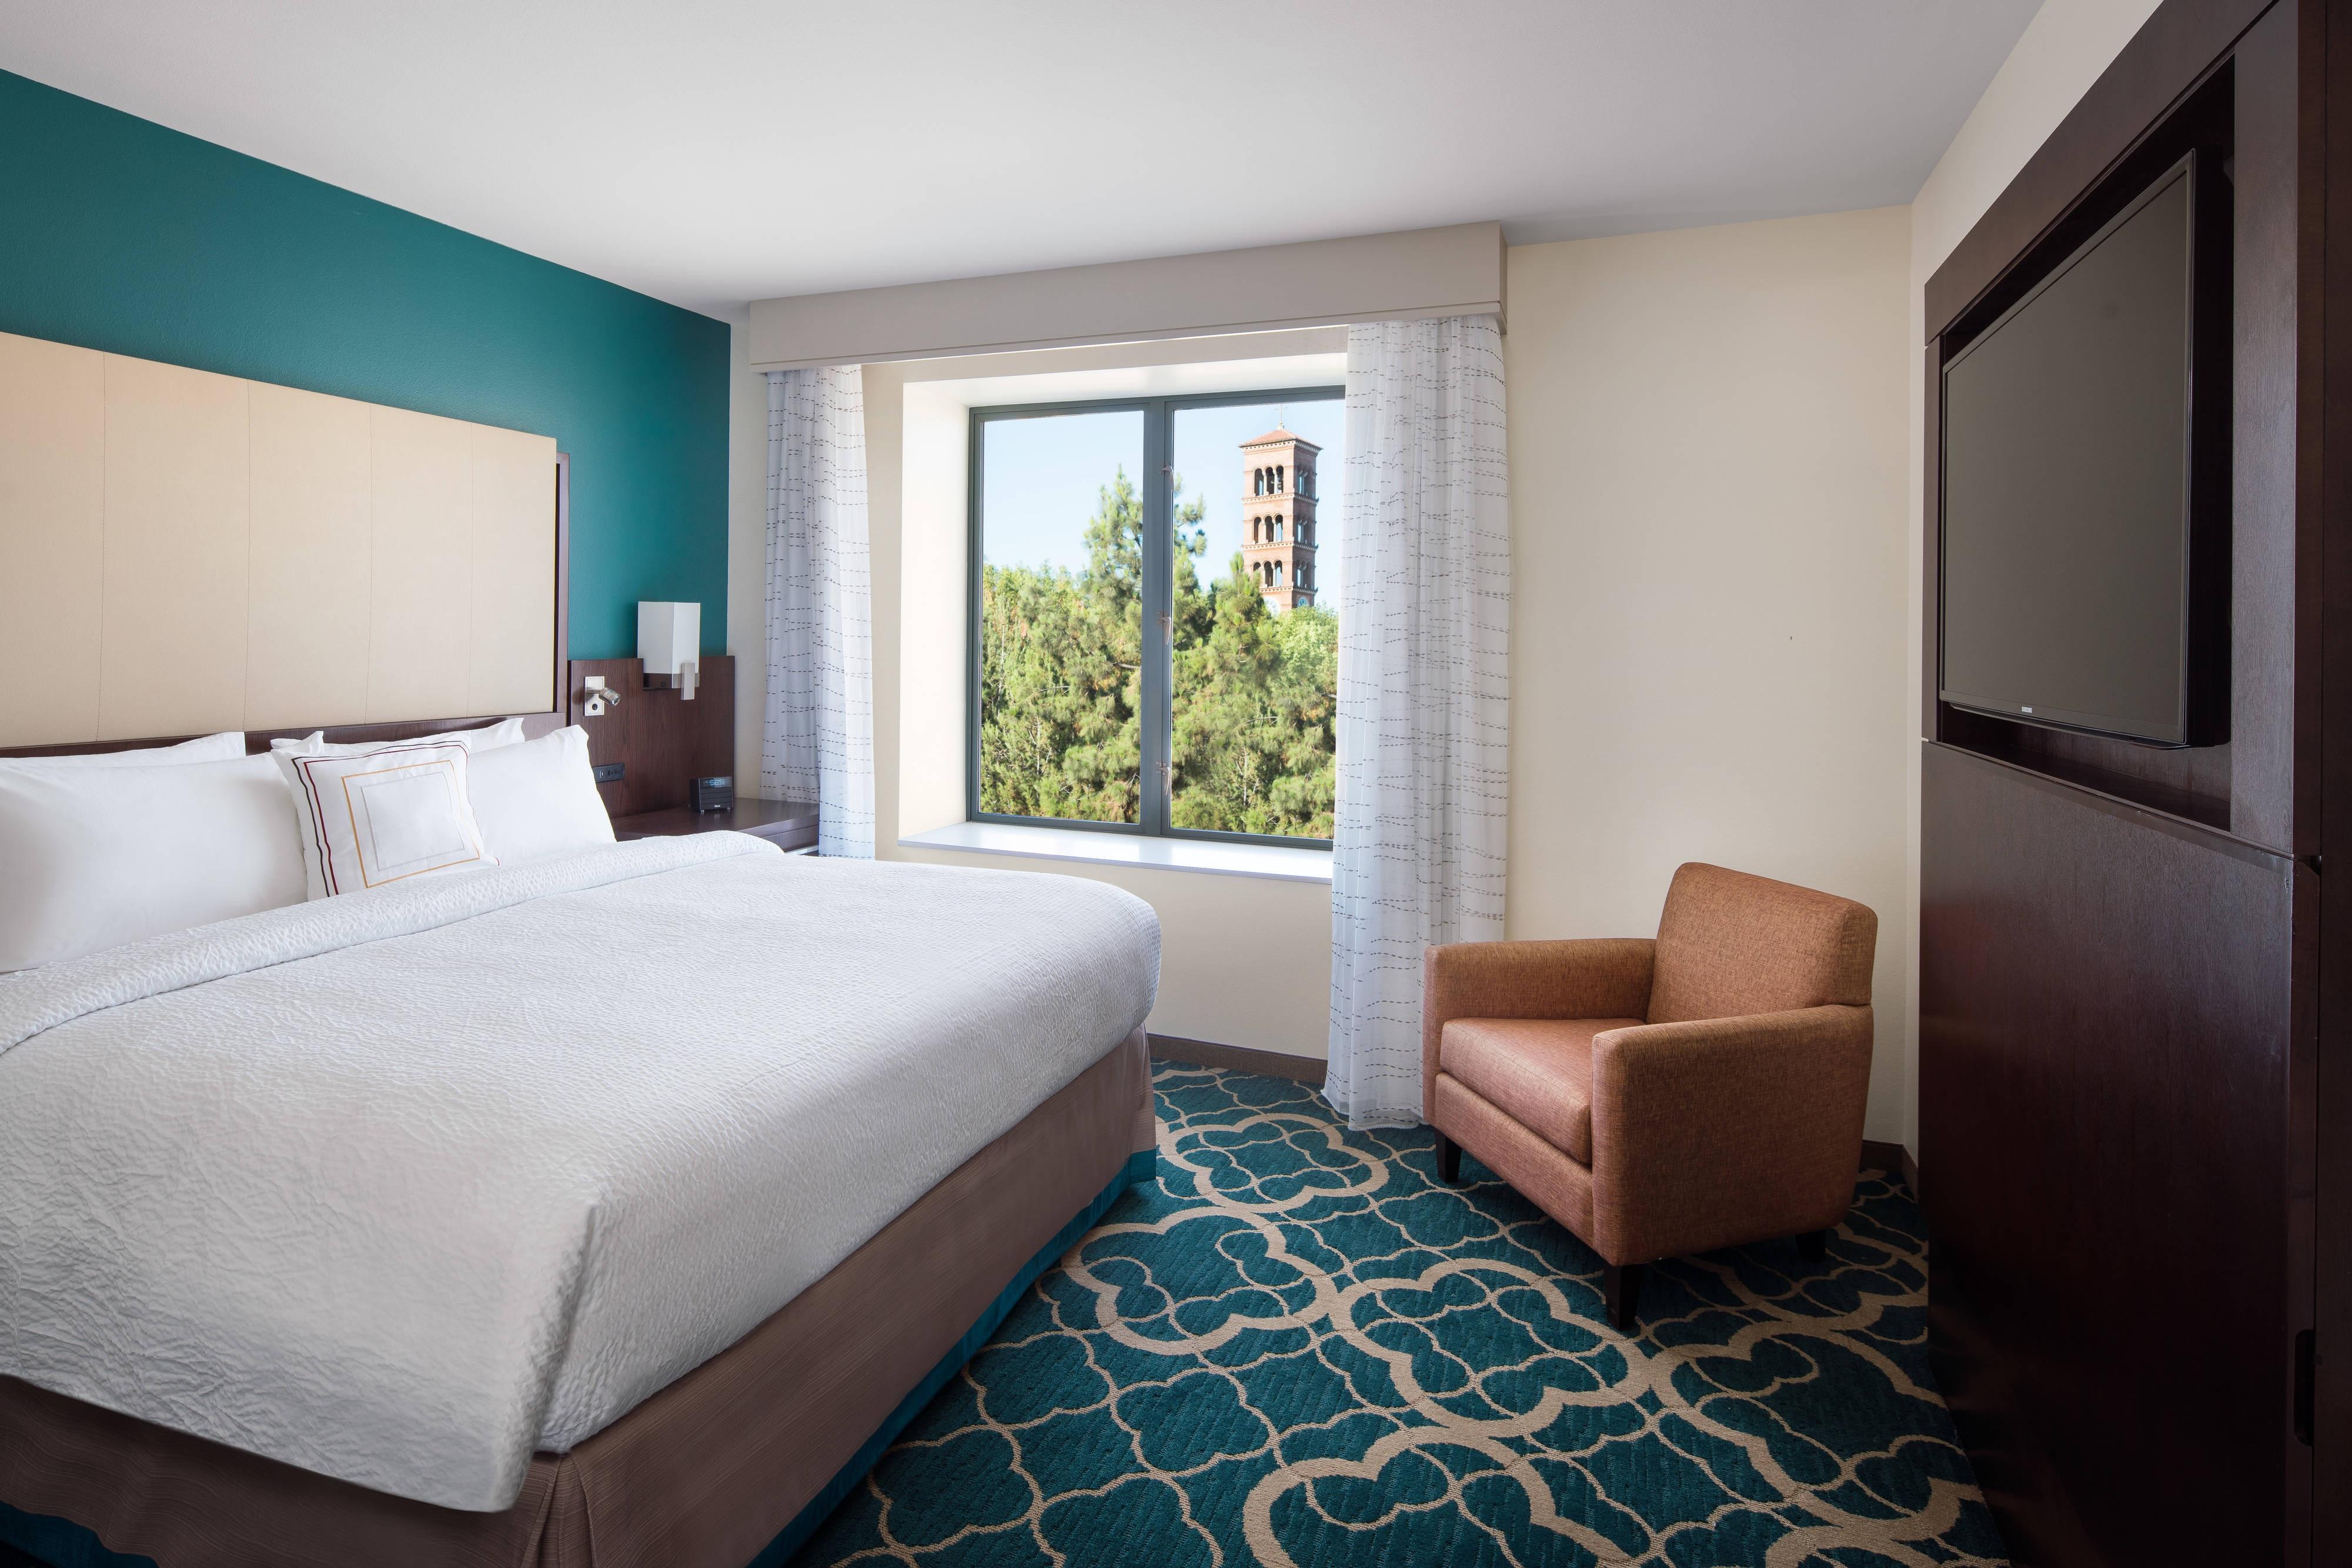 Suite mit zwei Schlafzimmern - Schlafzimmer mit Kingsize-Bett